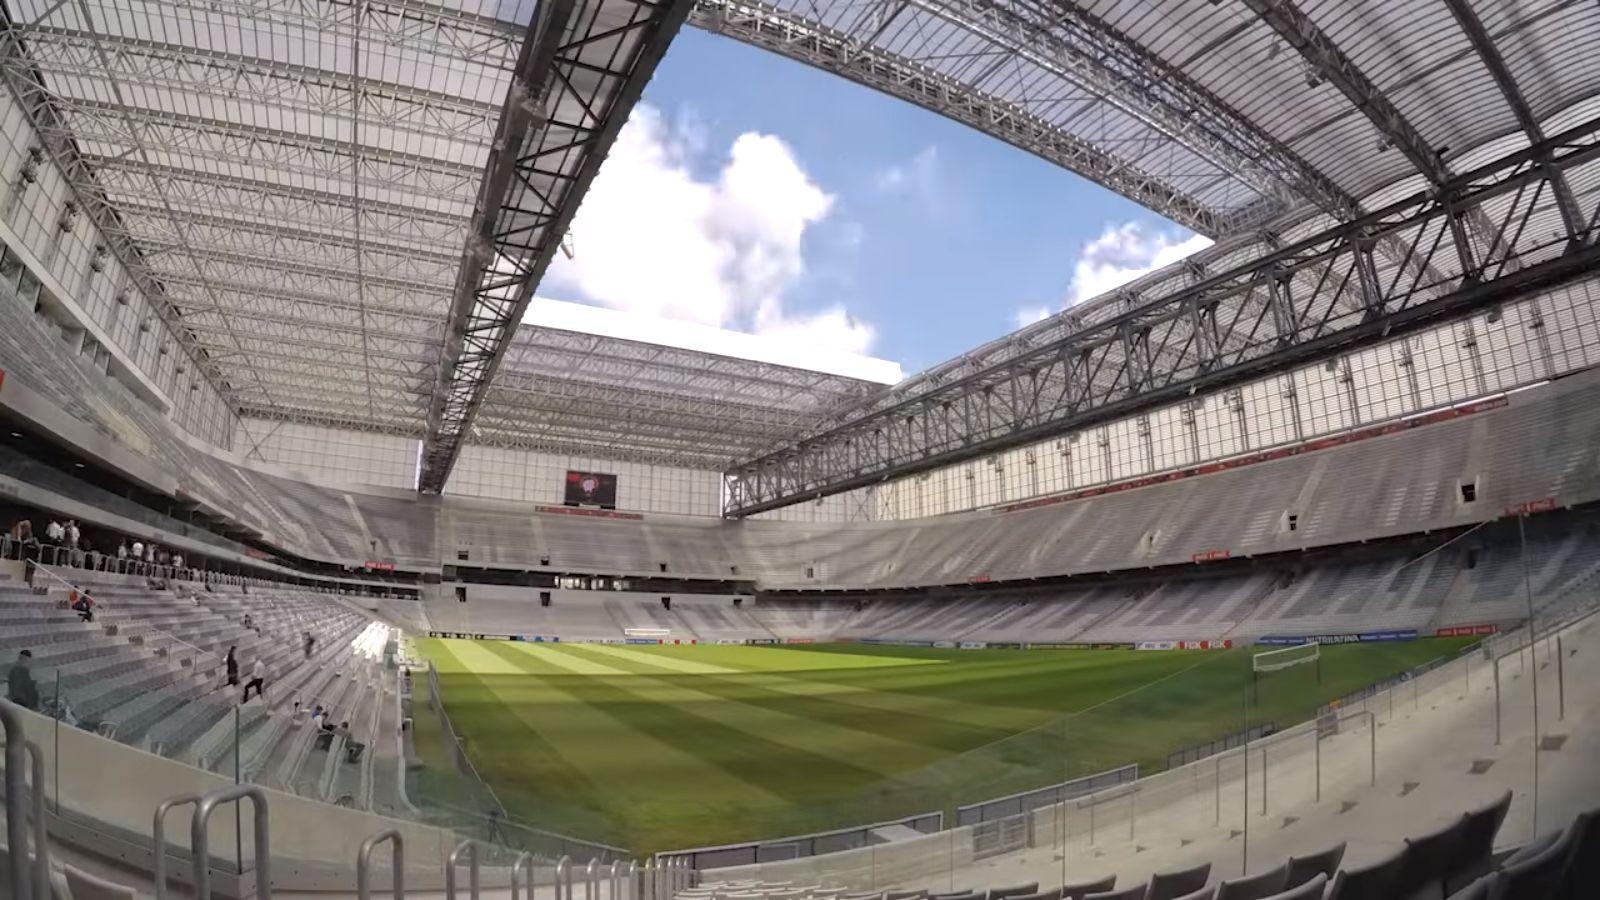 ブラジルの「アレーナ・ダ・バイシャーダ」では場内の随所に設置されたテレビで試合の様子を楽しめる